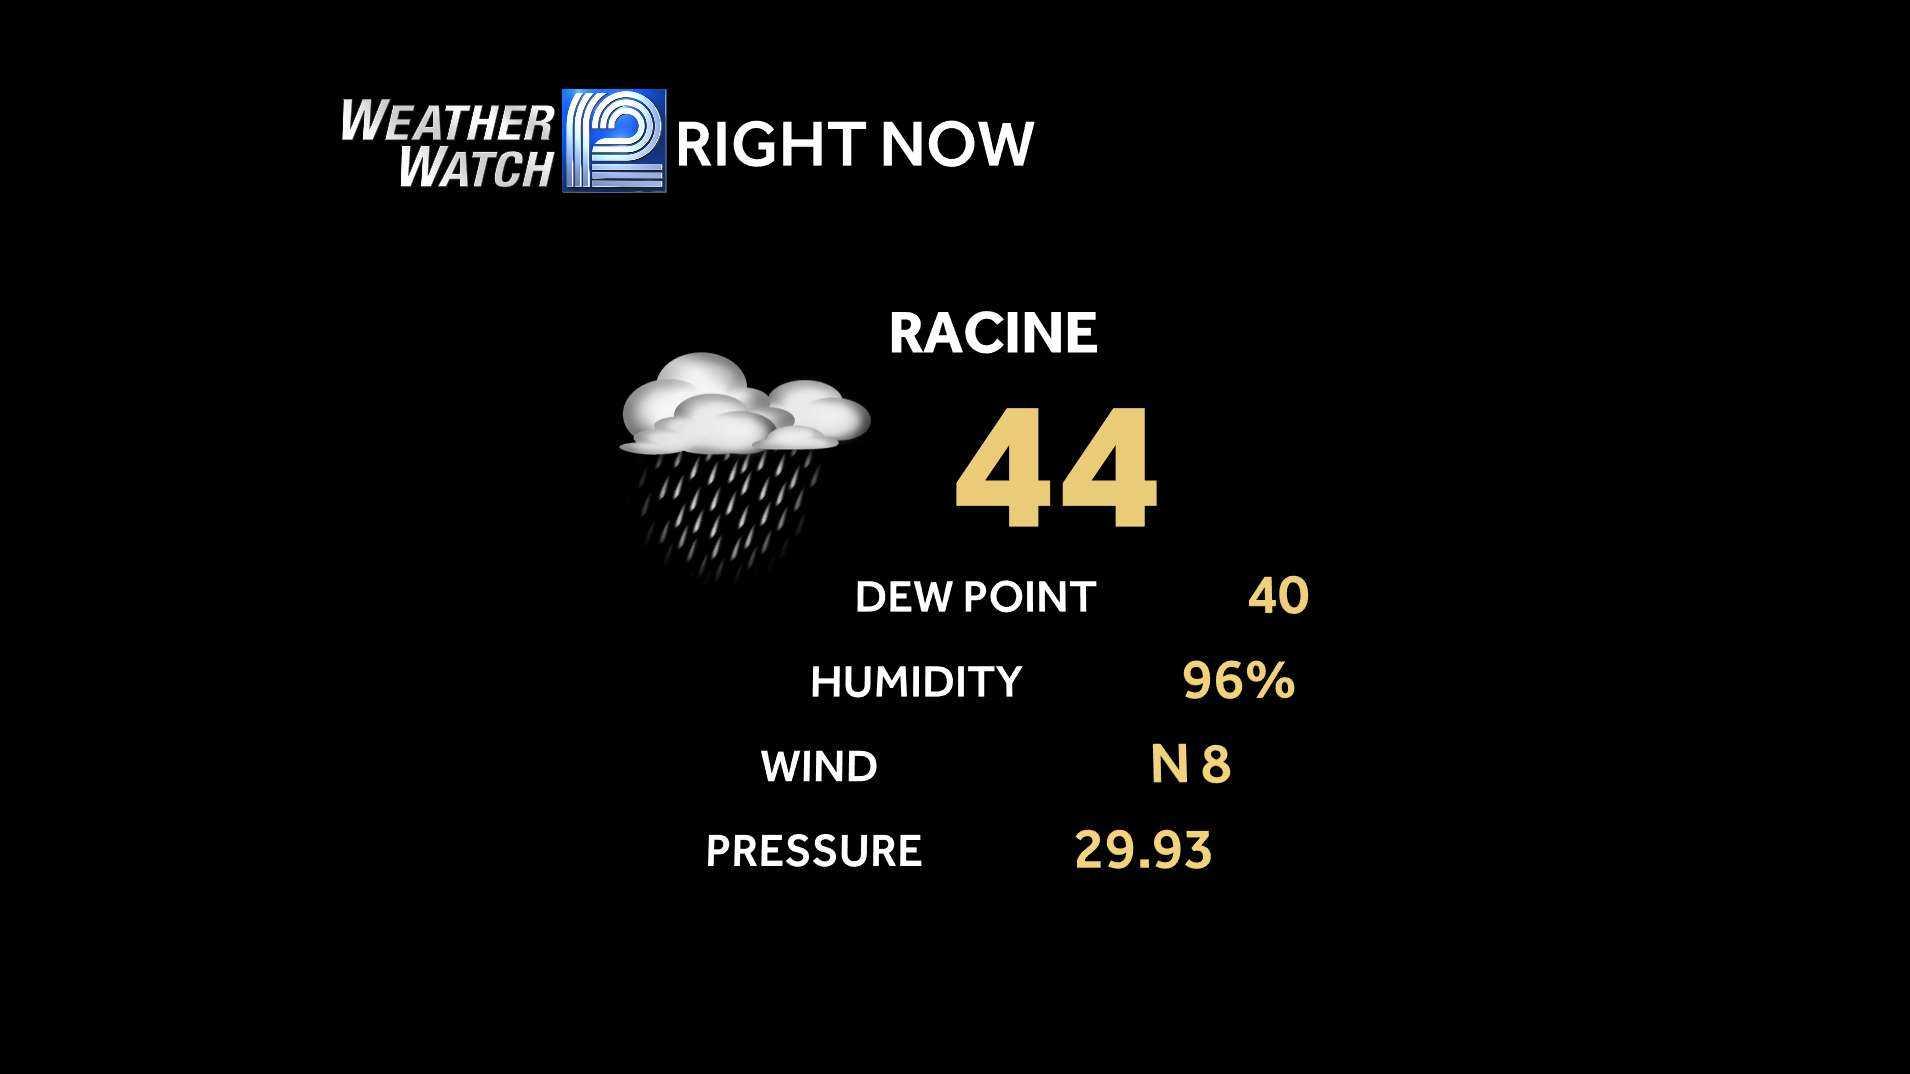 Racine temperature